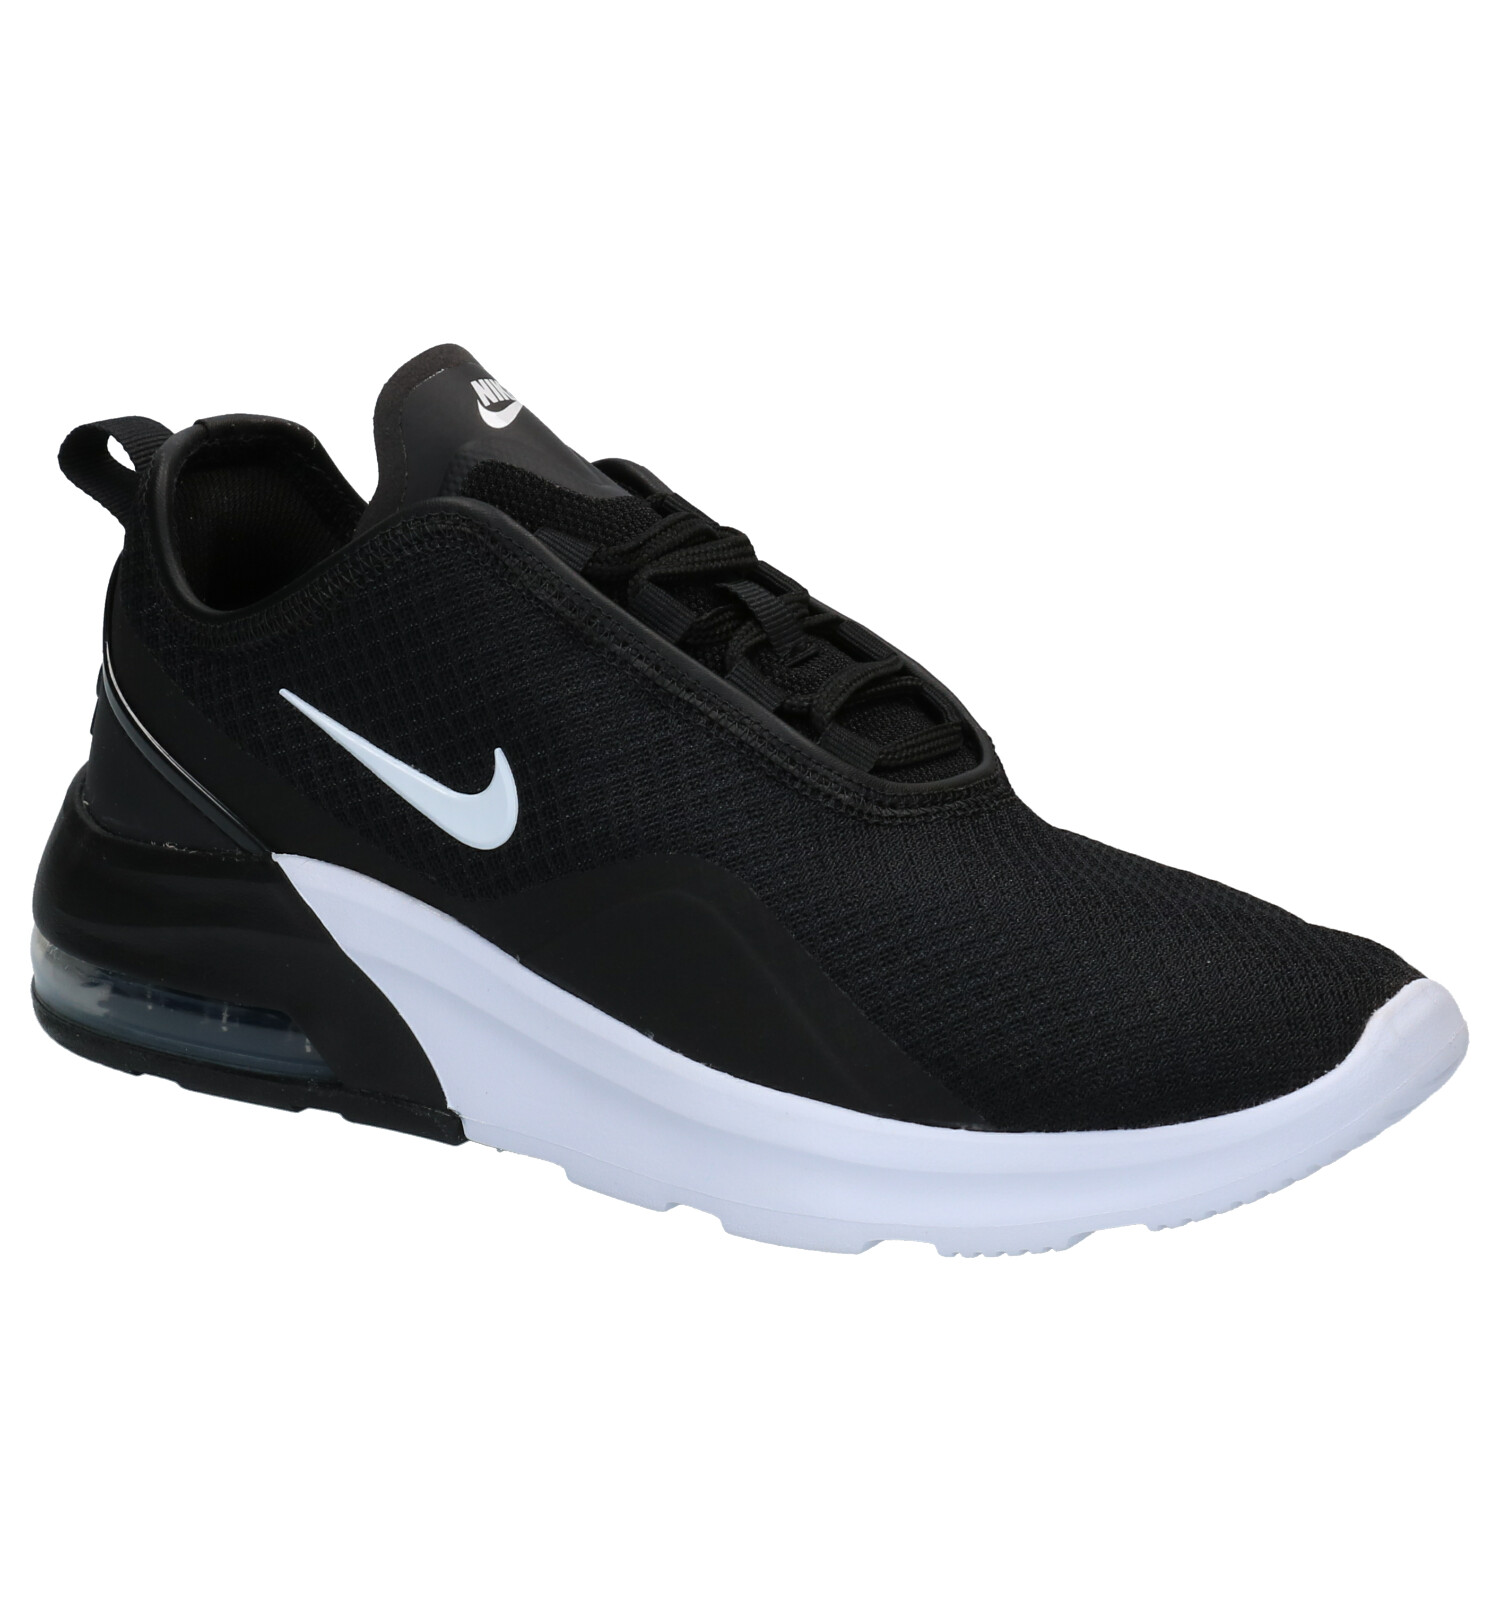 Nike Air Max Motion 2 Baskets en Noir | TORFS.BE | Livraison et retour gratuits